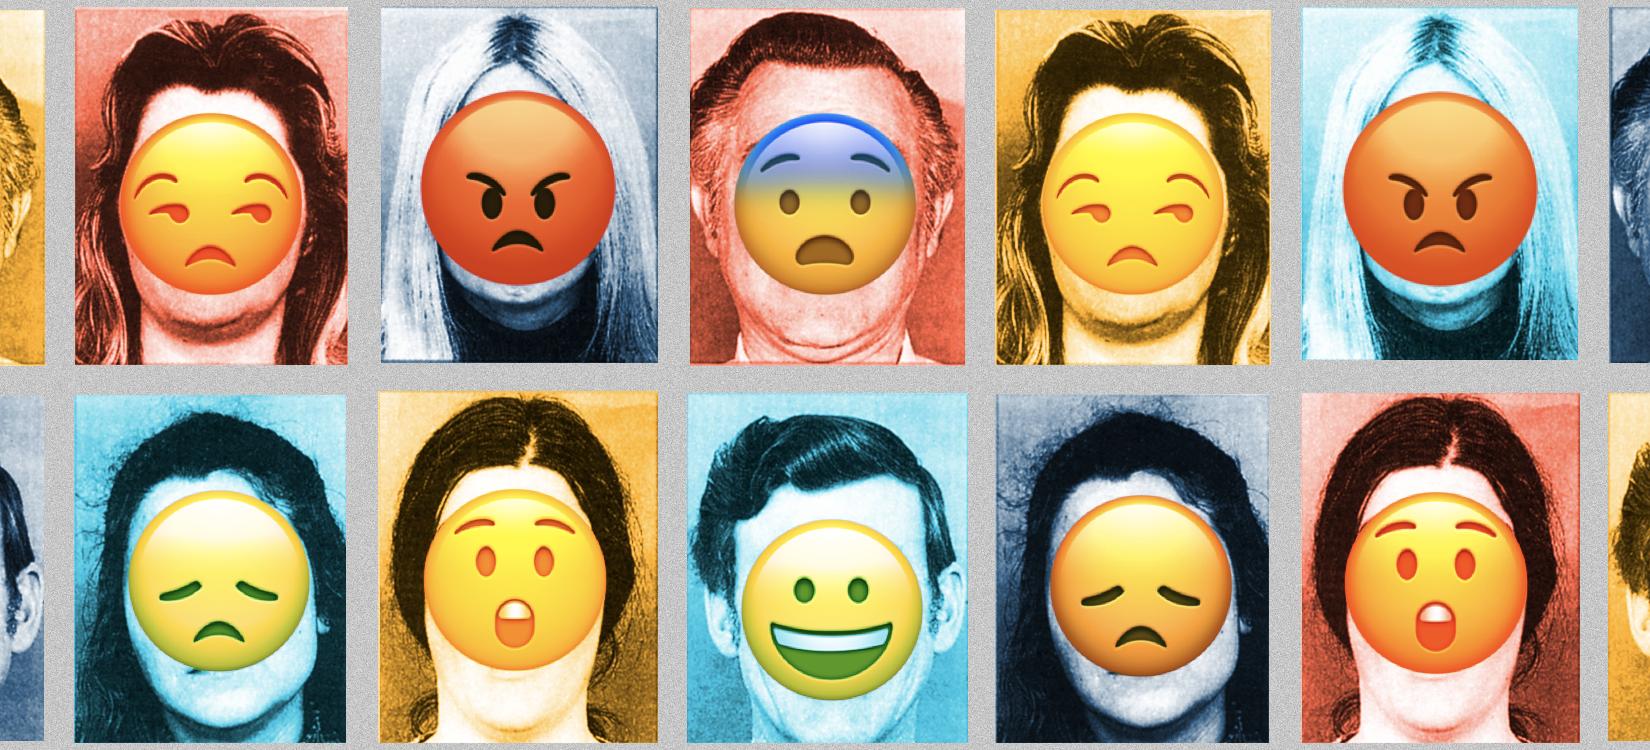 esac come riconoscere e gestire le emozioni